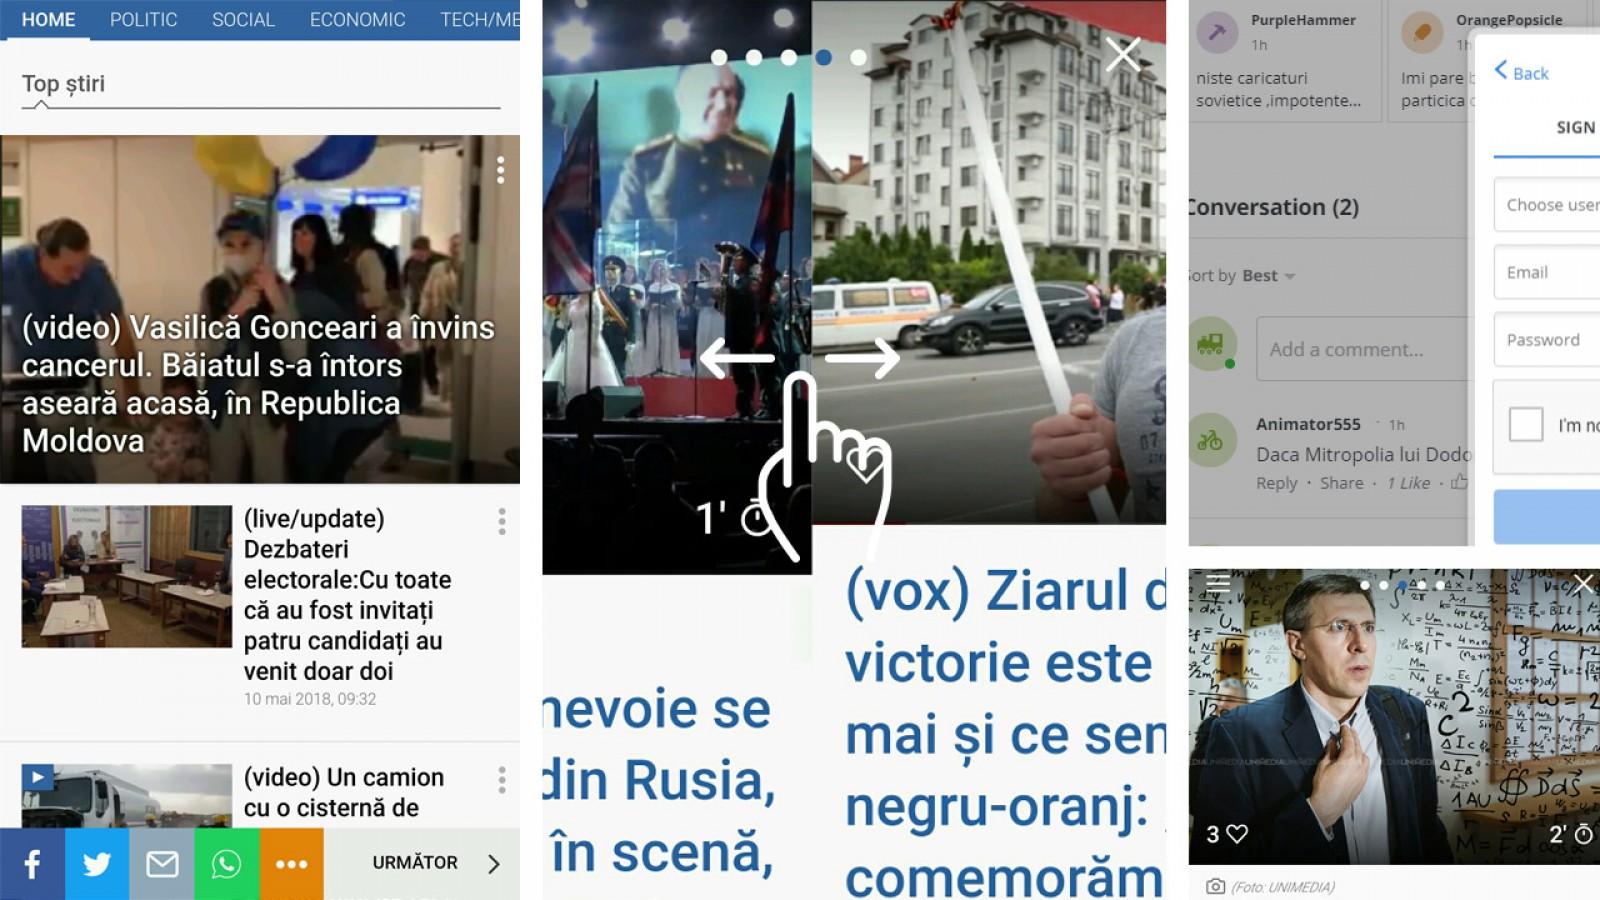 UNIMEDIA lansează noua versiune de mobil! Este cea mai rapidă și performantă de pe piața media din Moldova